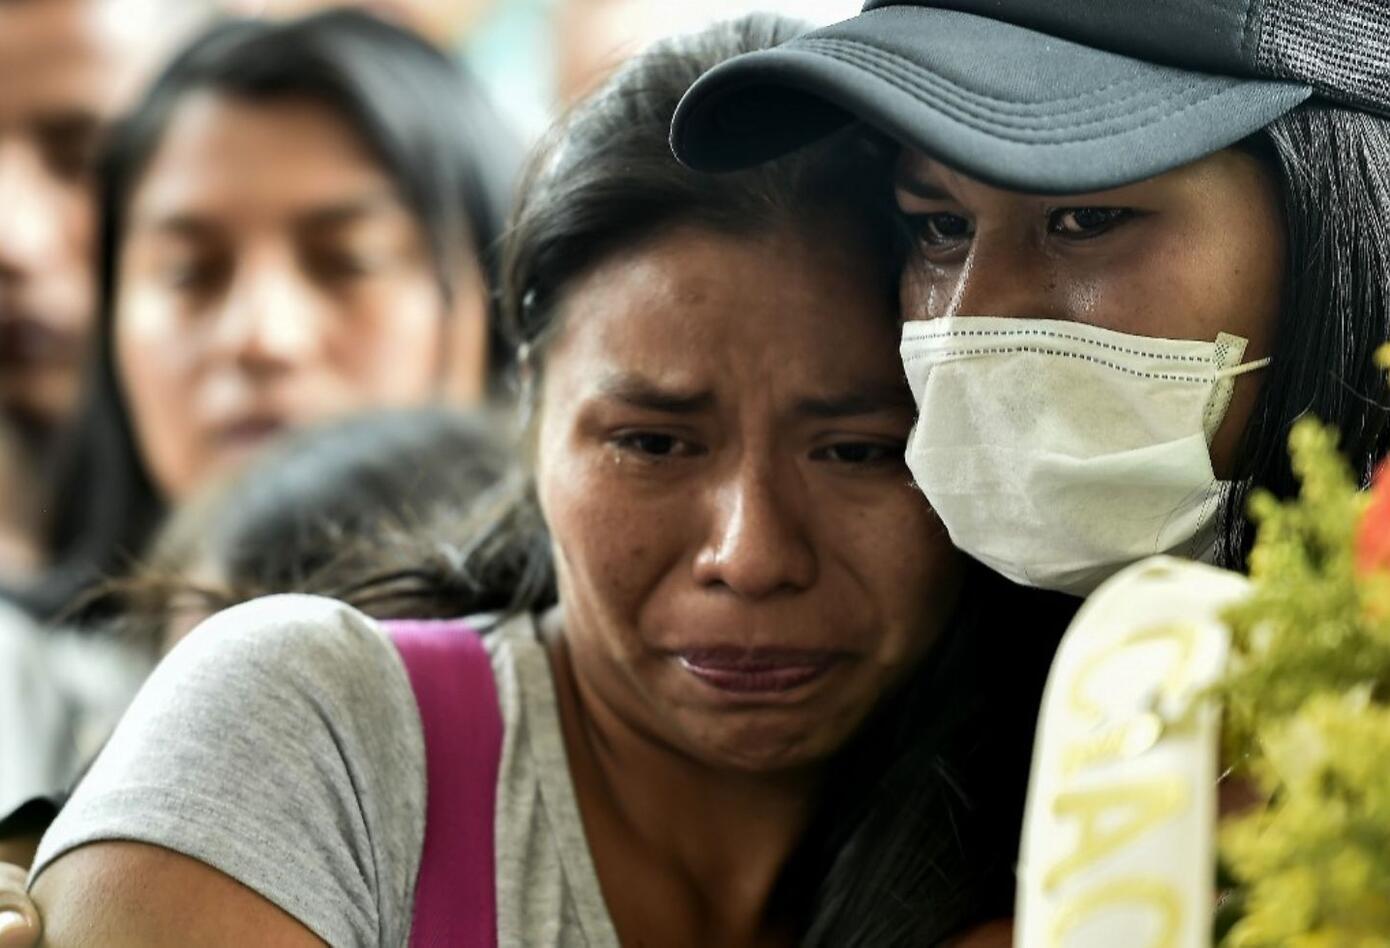 """De acuerdo con la Oficina de la Alta Comisionada de la ONU para los Derechos Humanos, en 2018 se presentaron 46 homicidios contra indígenas en el departamento del Cauca y en 2019 los ataques """"se han incrementado""""."""